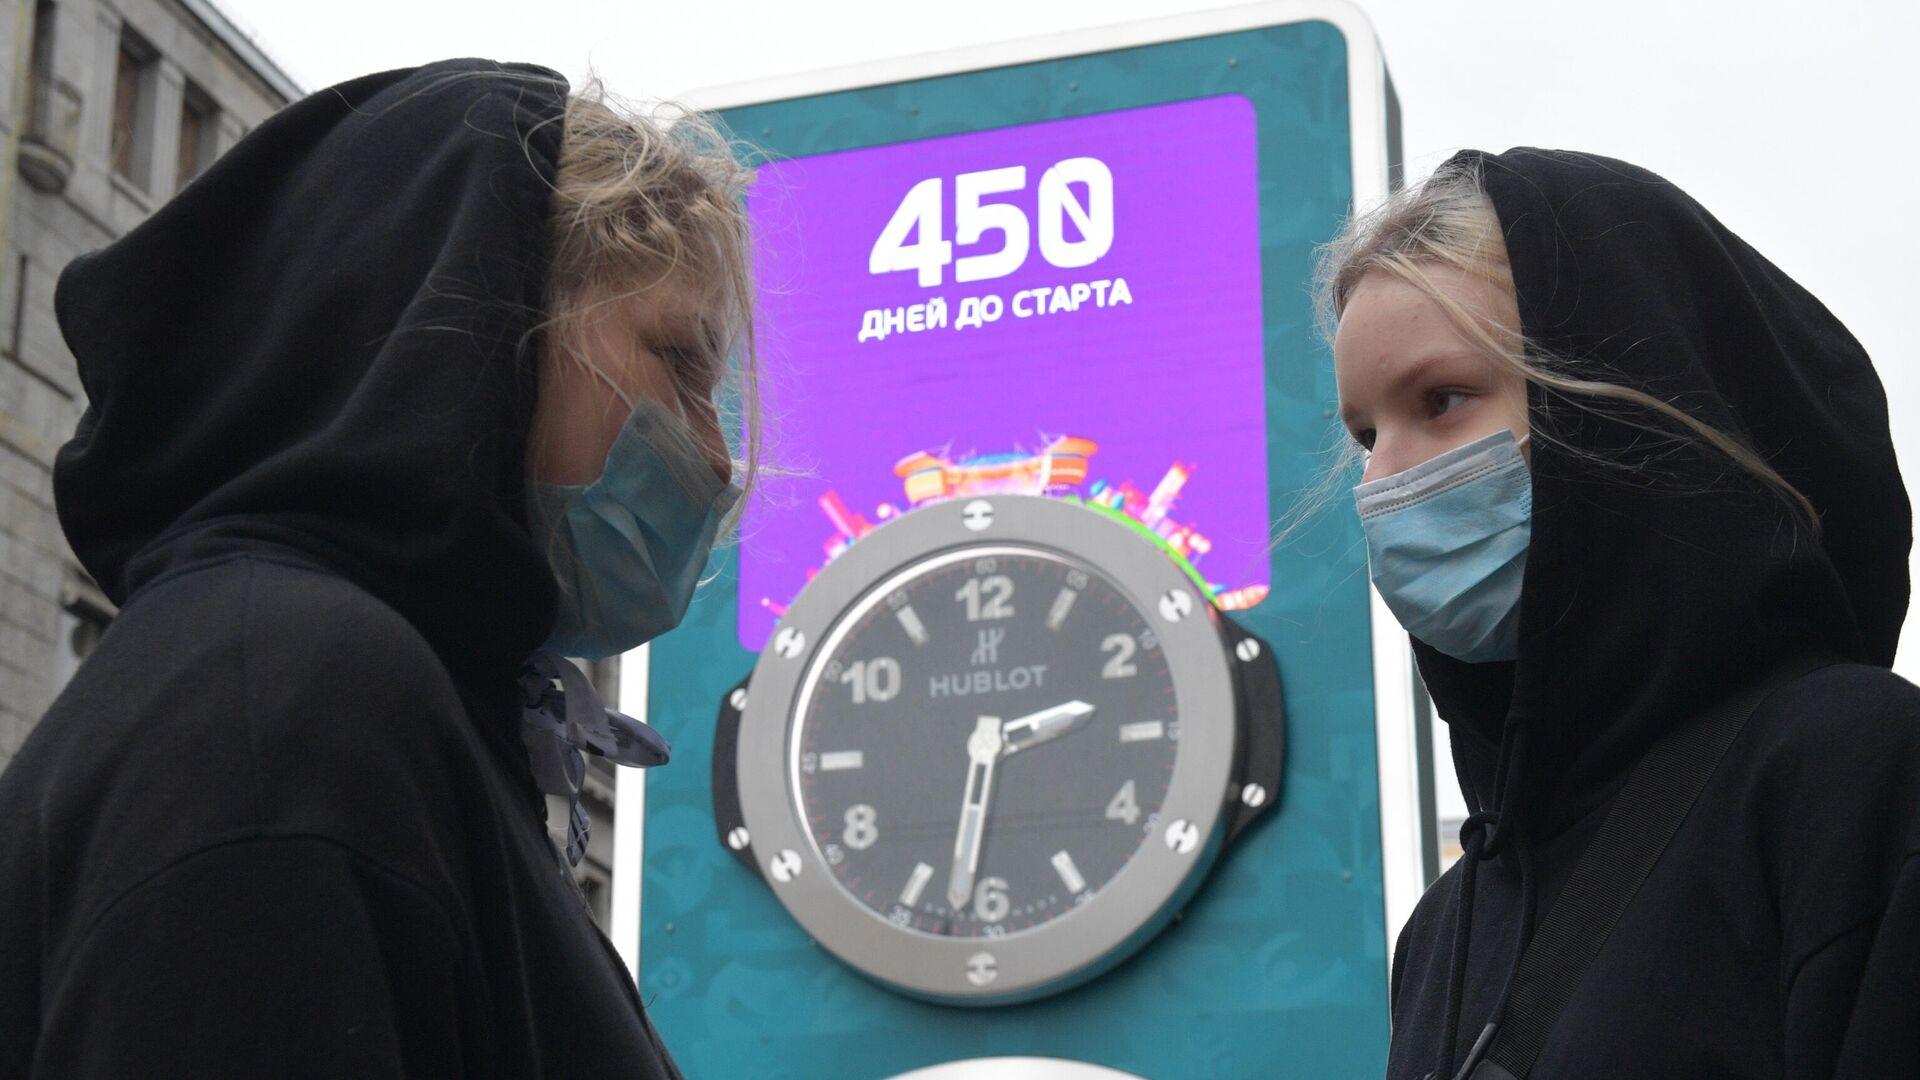 Девушки в медицинских масках рядом с часами обратного отсчета времени до старта чемпионата Европы по футболу - РИА Новости, 1920, 27.01.2021